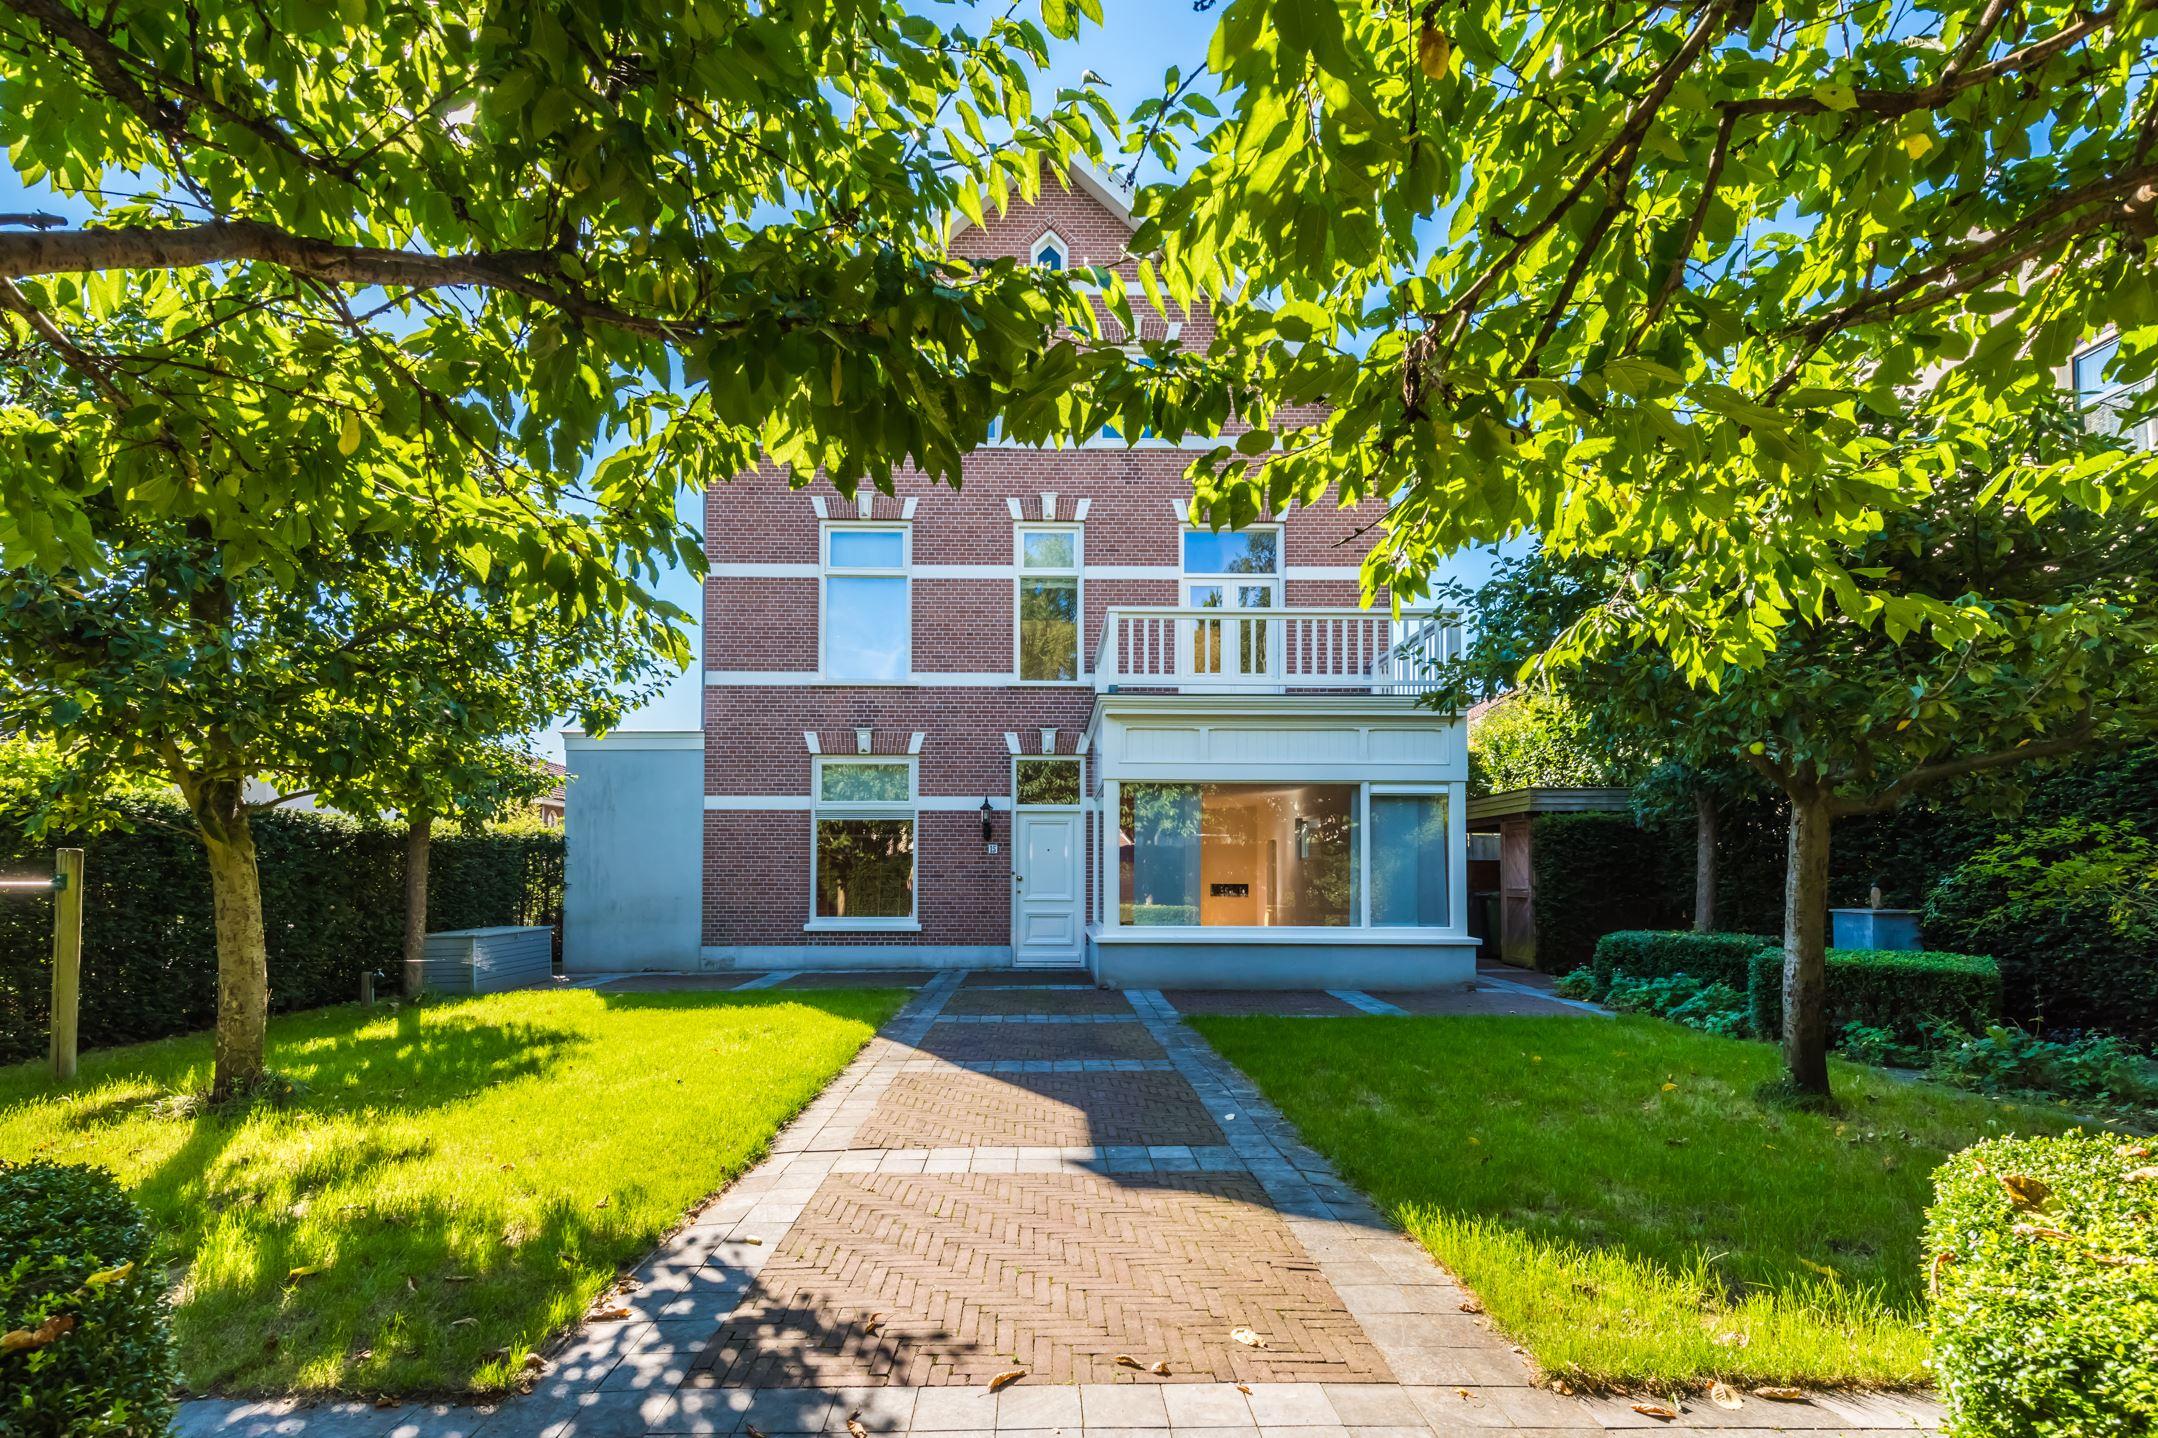 Huis te koop: sophialaan 15 3743 ct baarn [funda]